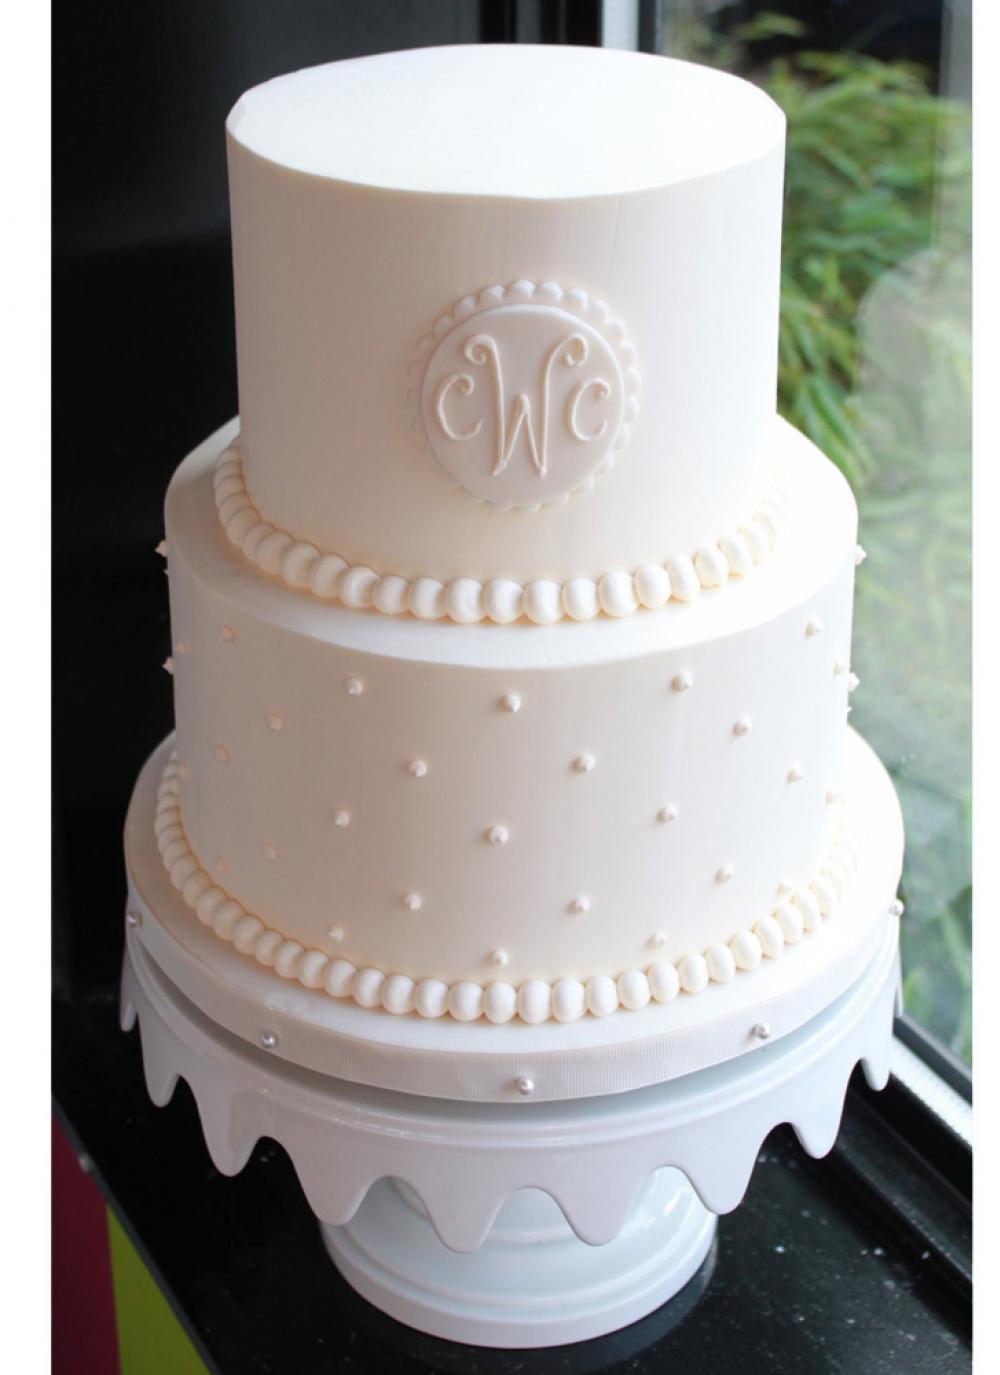 Swiss Dot Wedding Cakes  Whipped Bakeshop Philadelphia Monogrammed Swiss Dot